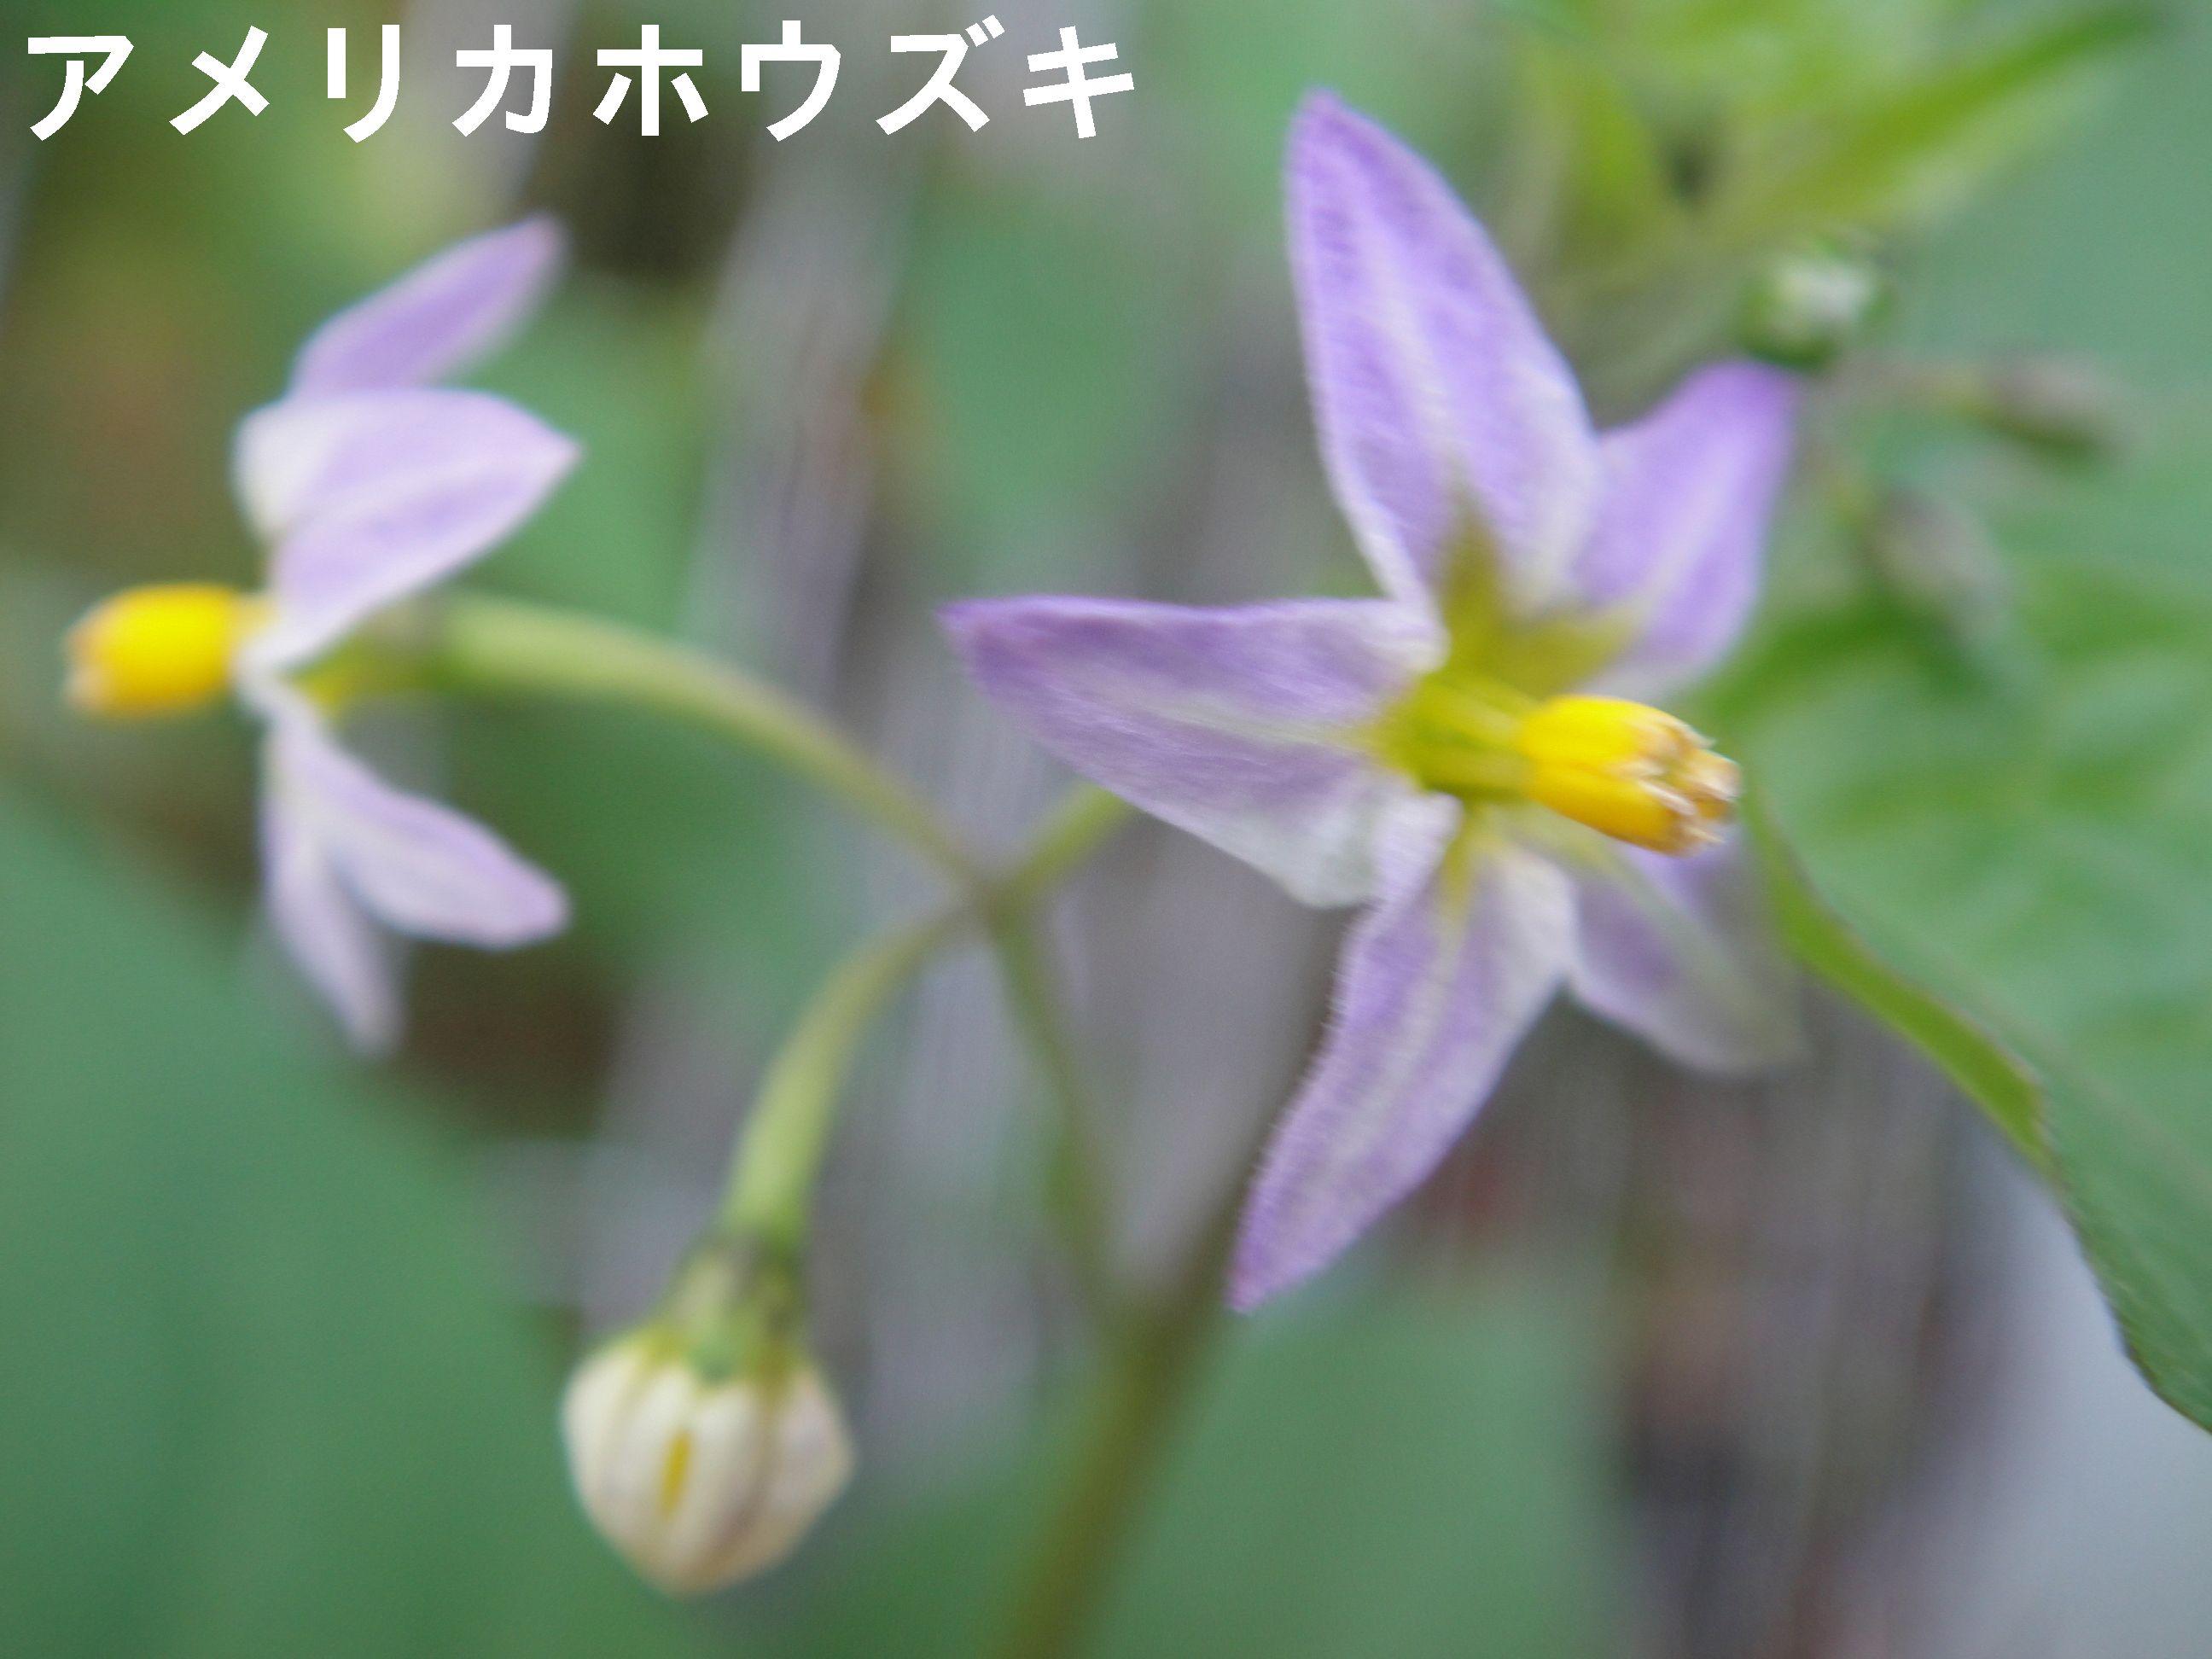 H23年11月度植物調査_c0108460_1724476.jpg